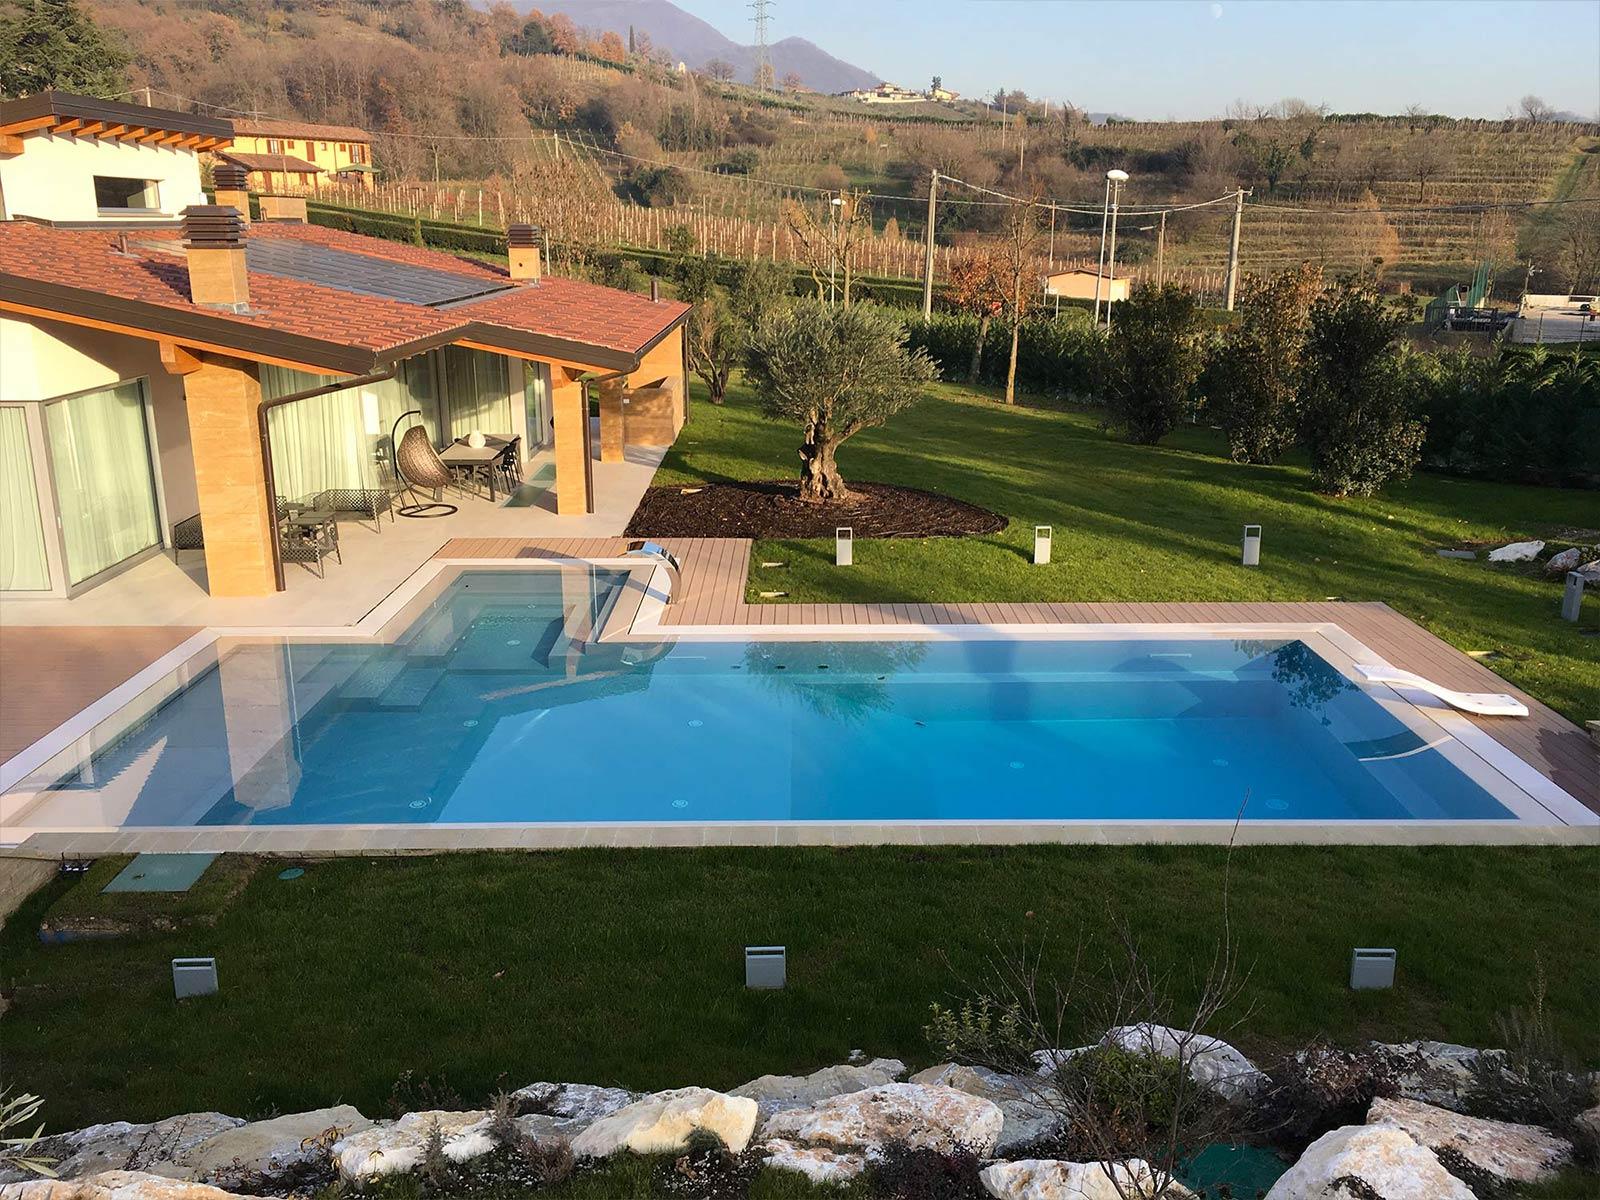 piscina a sfioro con trampolino e lama d'acqua